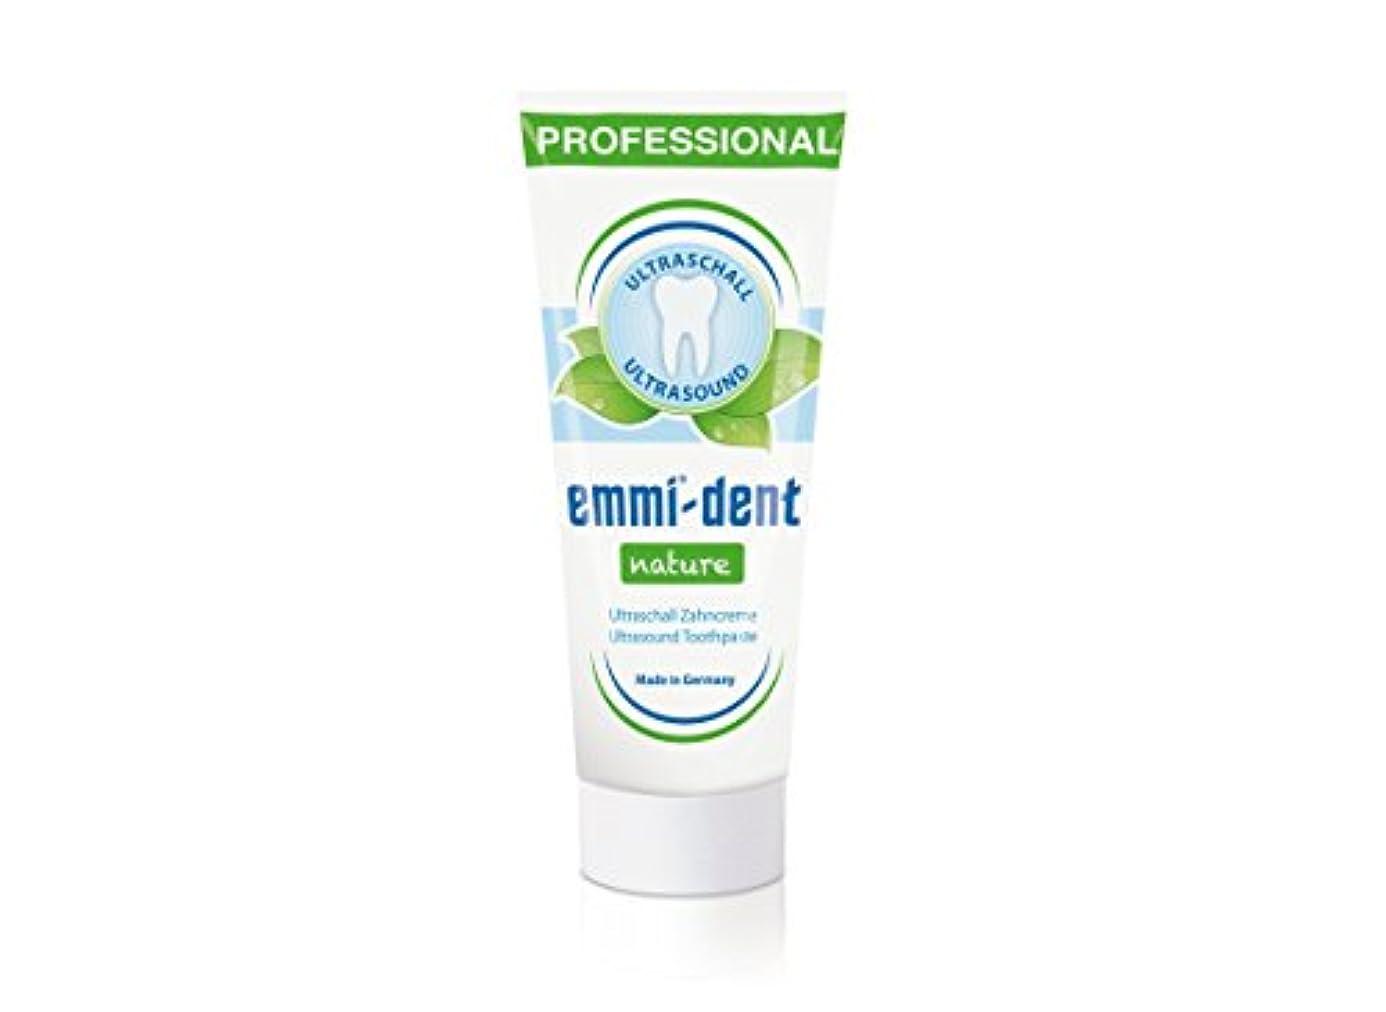 みすぼらしいレガシーミュージカルEmmi−dent(エミデント) 超音波歯ブラシ専用 歯磨きペースト エミデント ネイチャー 75g